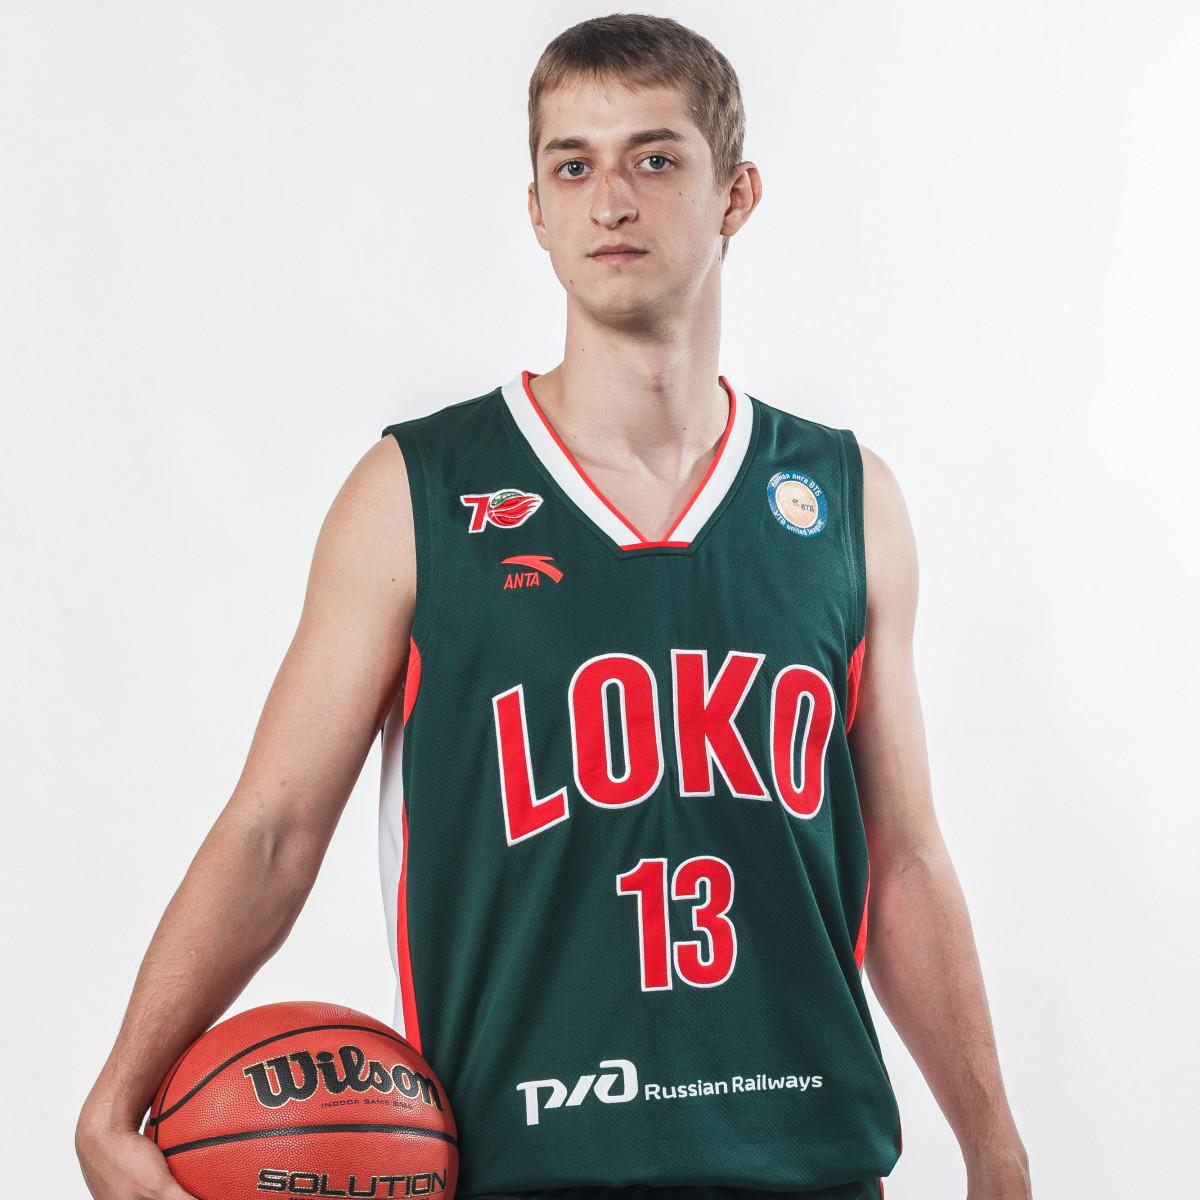 Photo of Dmitry Khvostov, 2016-2017 season